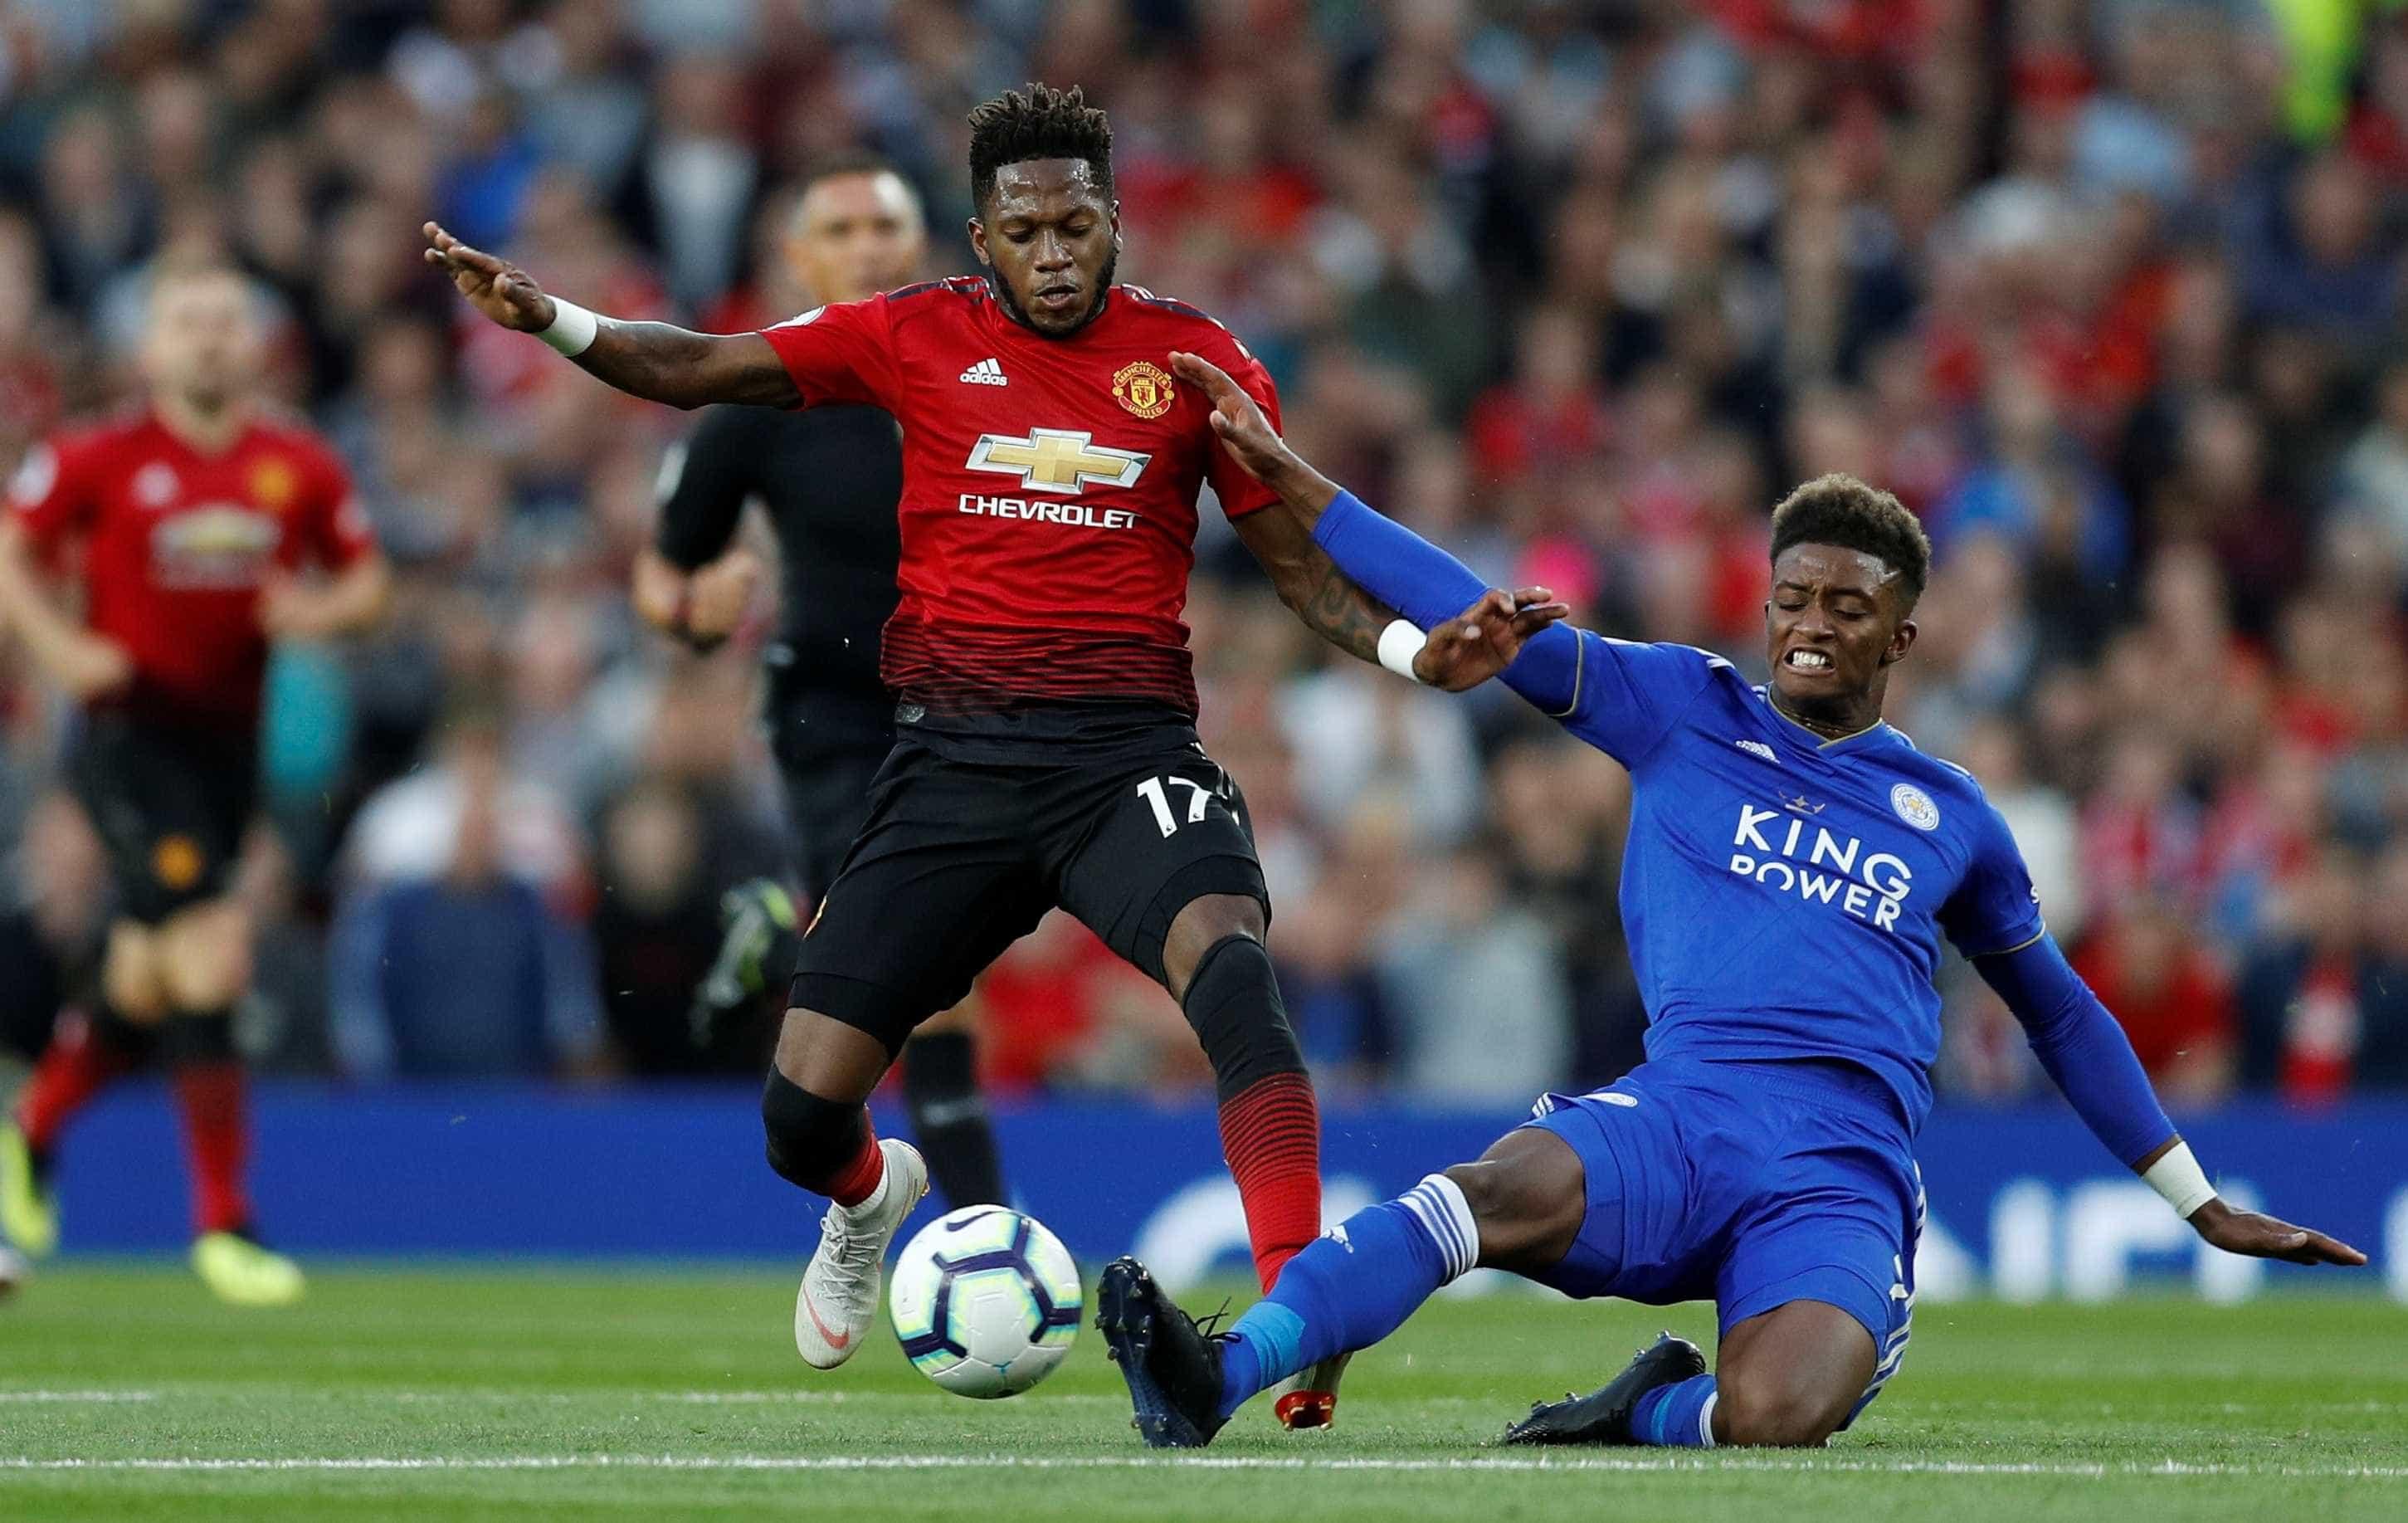 Na estreia de Fred, Man United vence Leicester pela 1ª rodada do Inglês